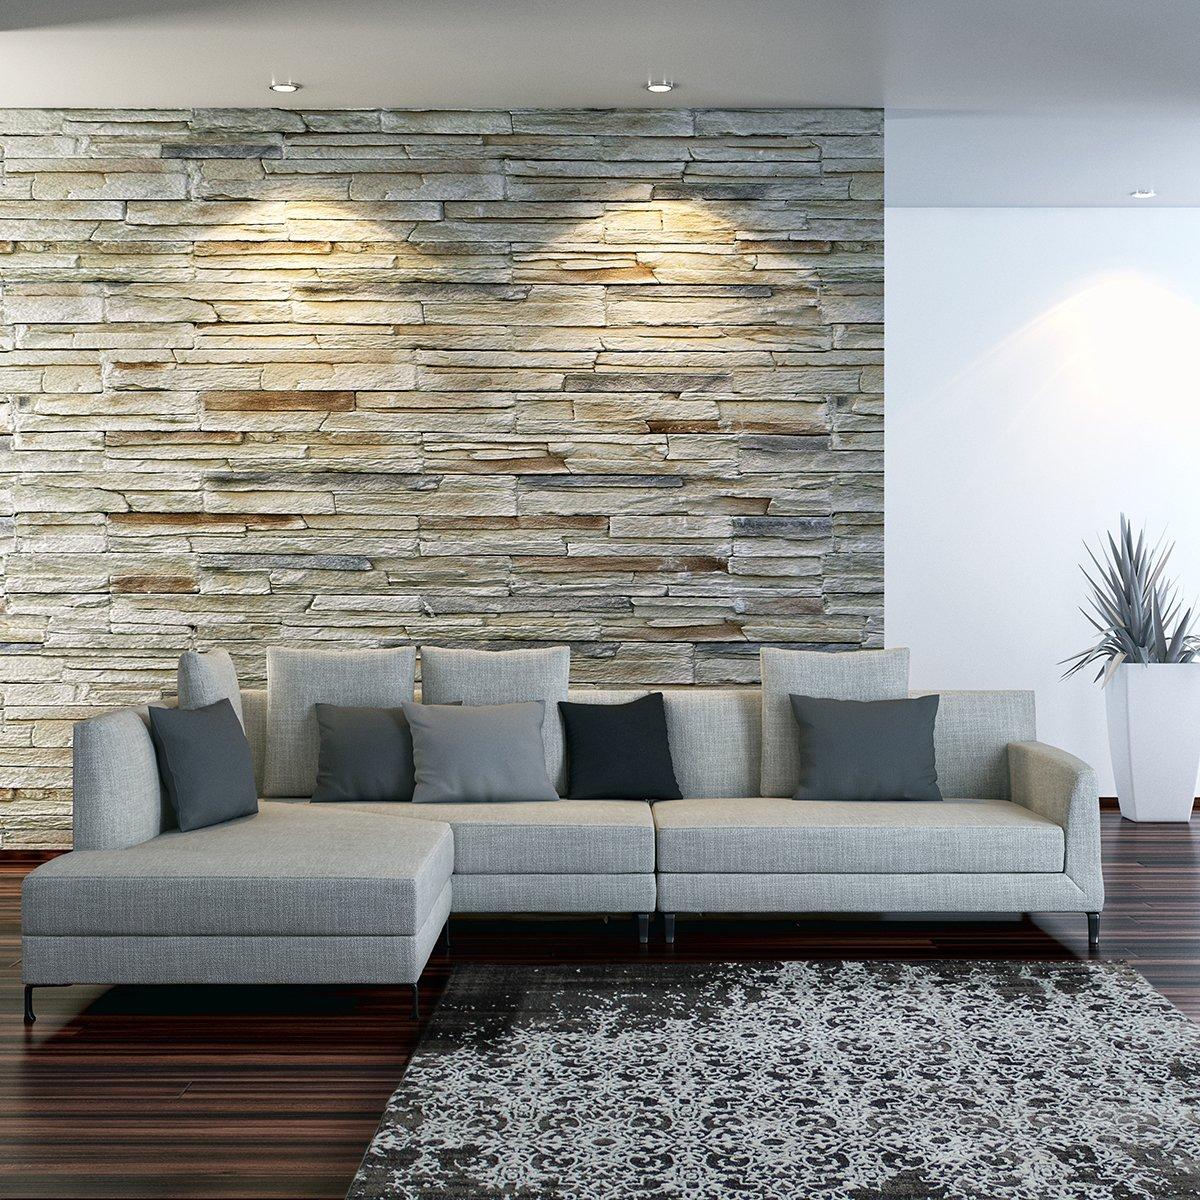 Havatex Moderner Teppich Vintage Decor - 3 tolle tolle tolle Farbkombinatinen   strapazierfähig & pflegeleicht   kuschelig weich   Wohnzimmer Schlafzimmer Büro, Größe 200 x 290 cm, Farbe Anthrazit Blau c259c5